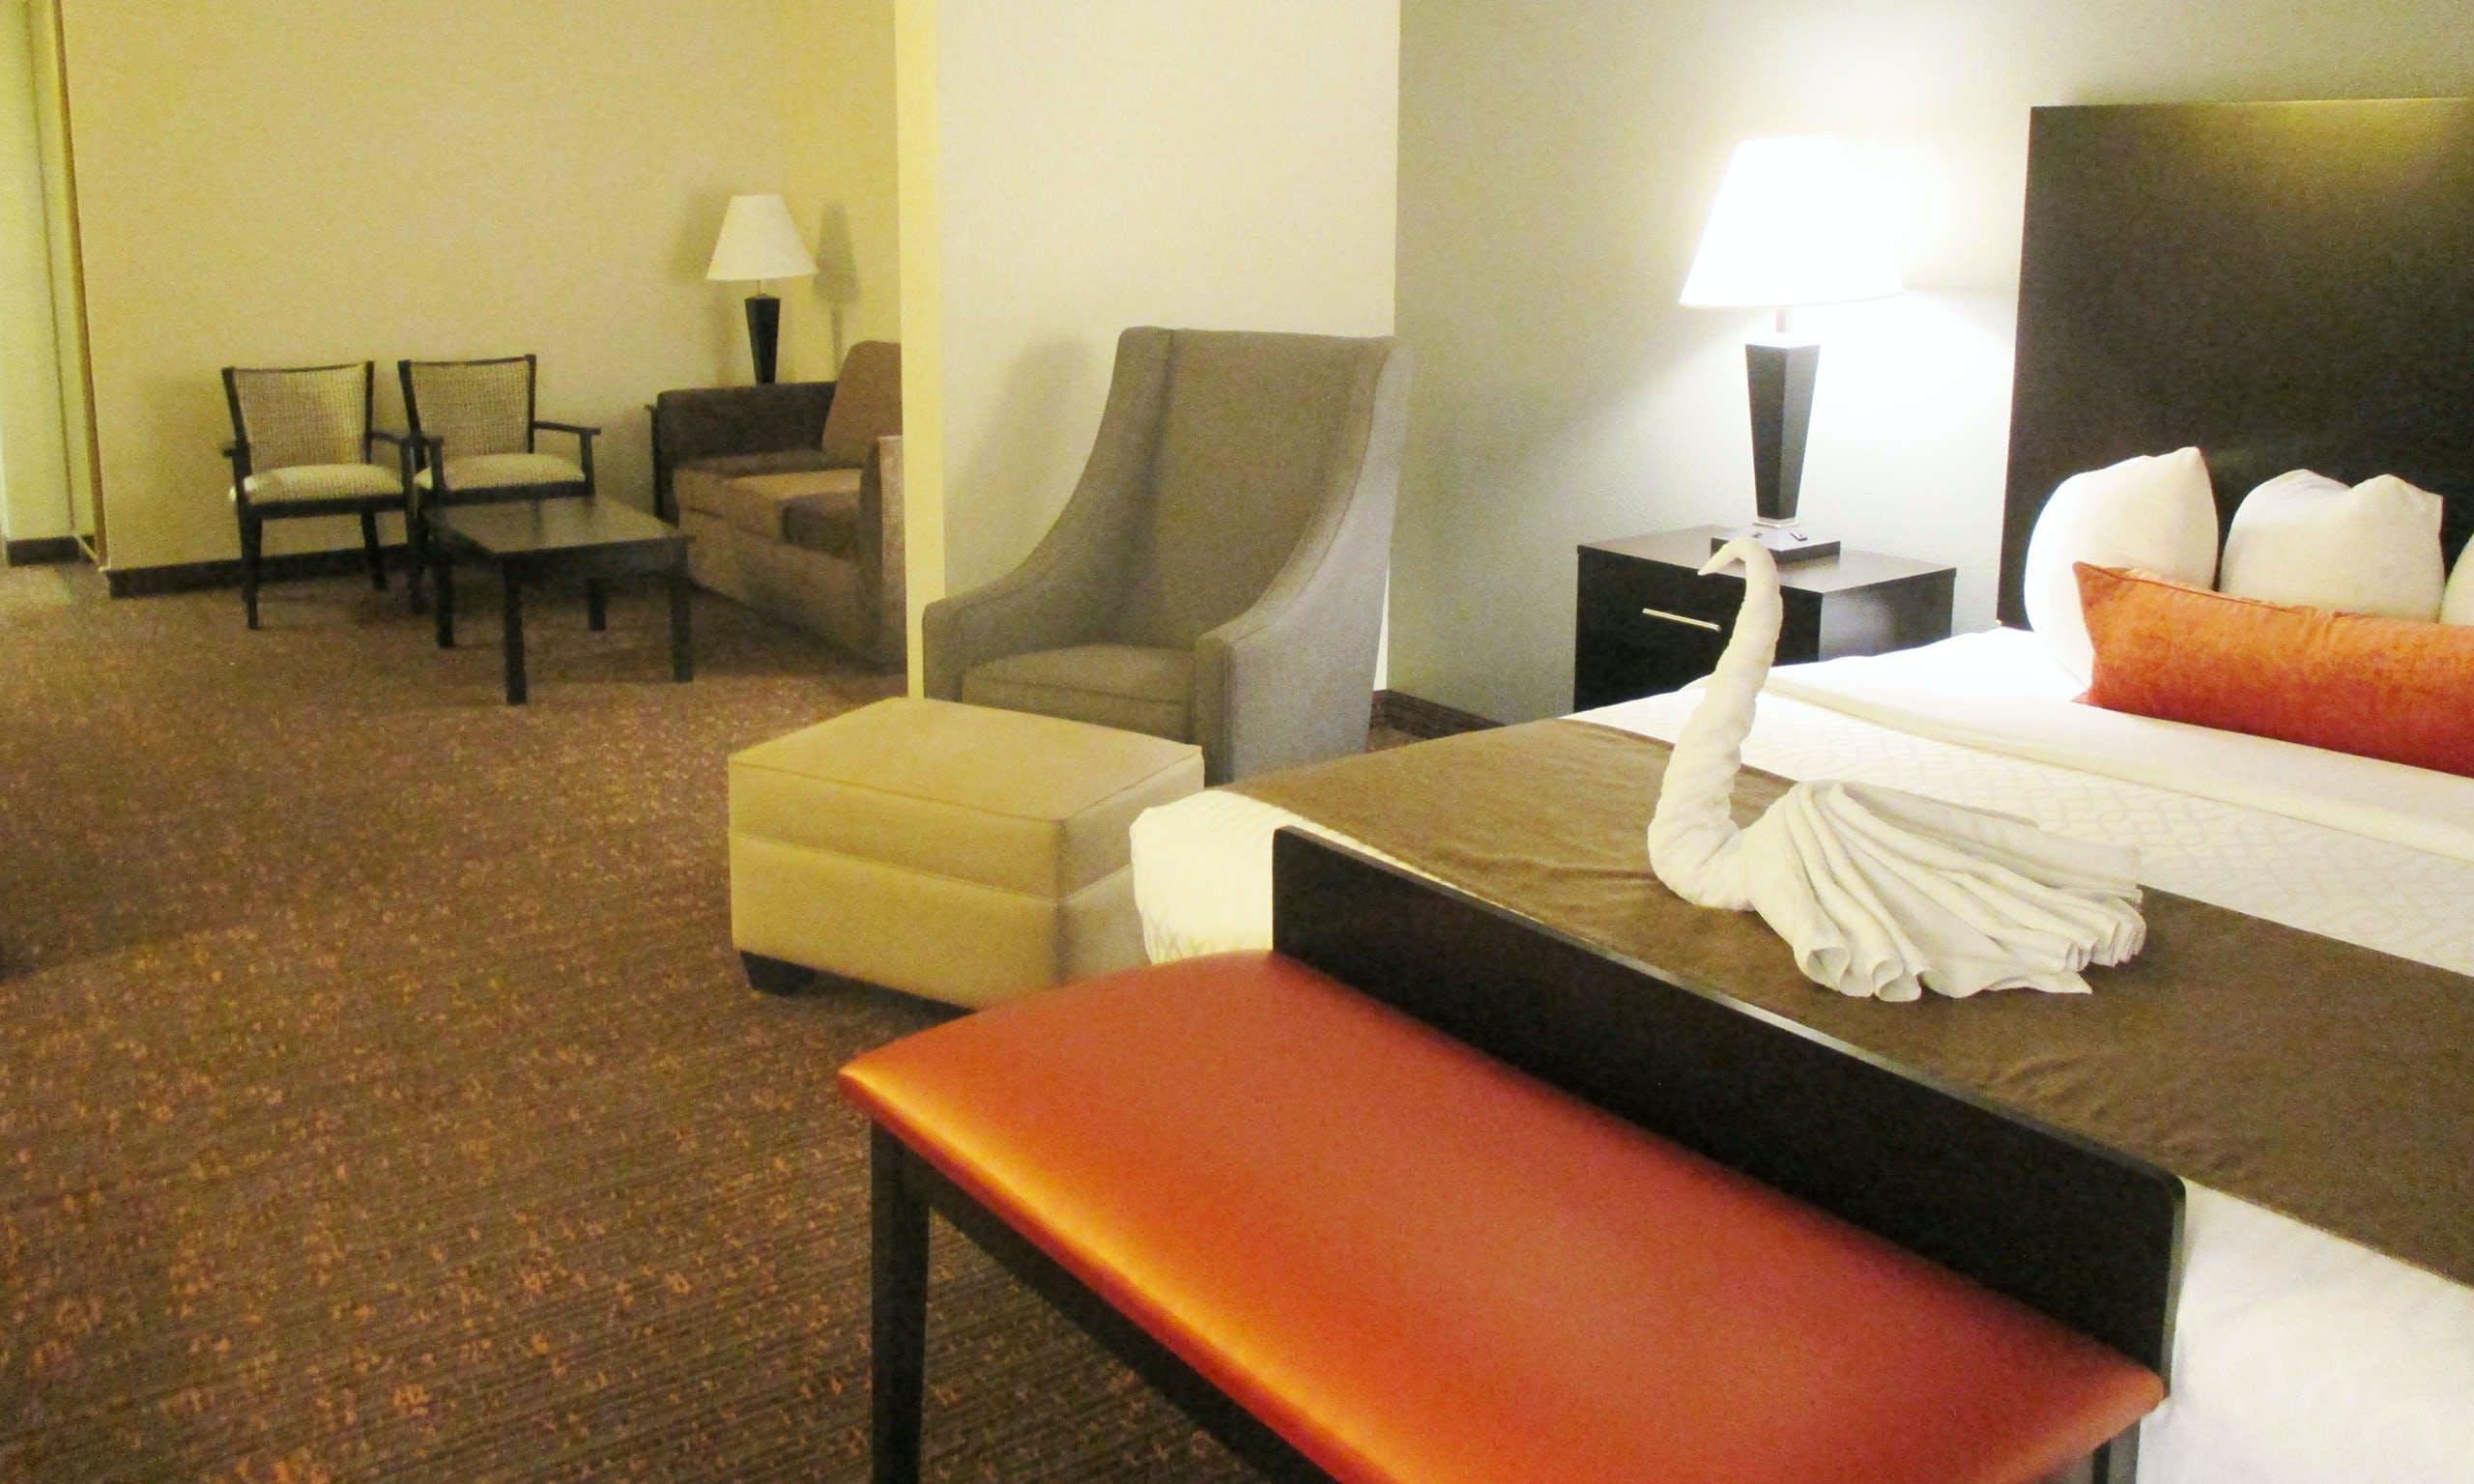 Last Minute Hotel Deals in St. Louis - HotelTonight